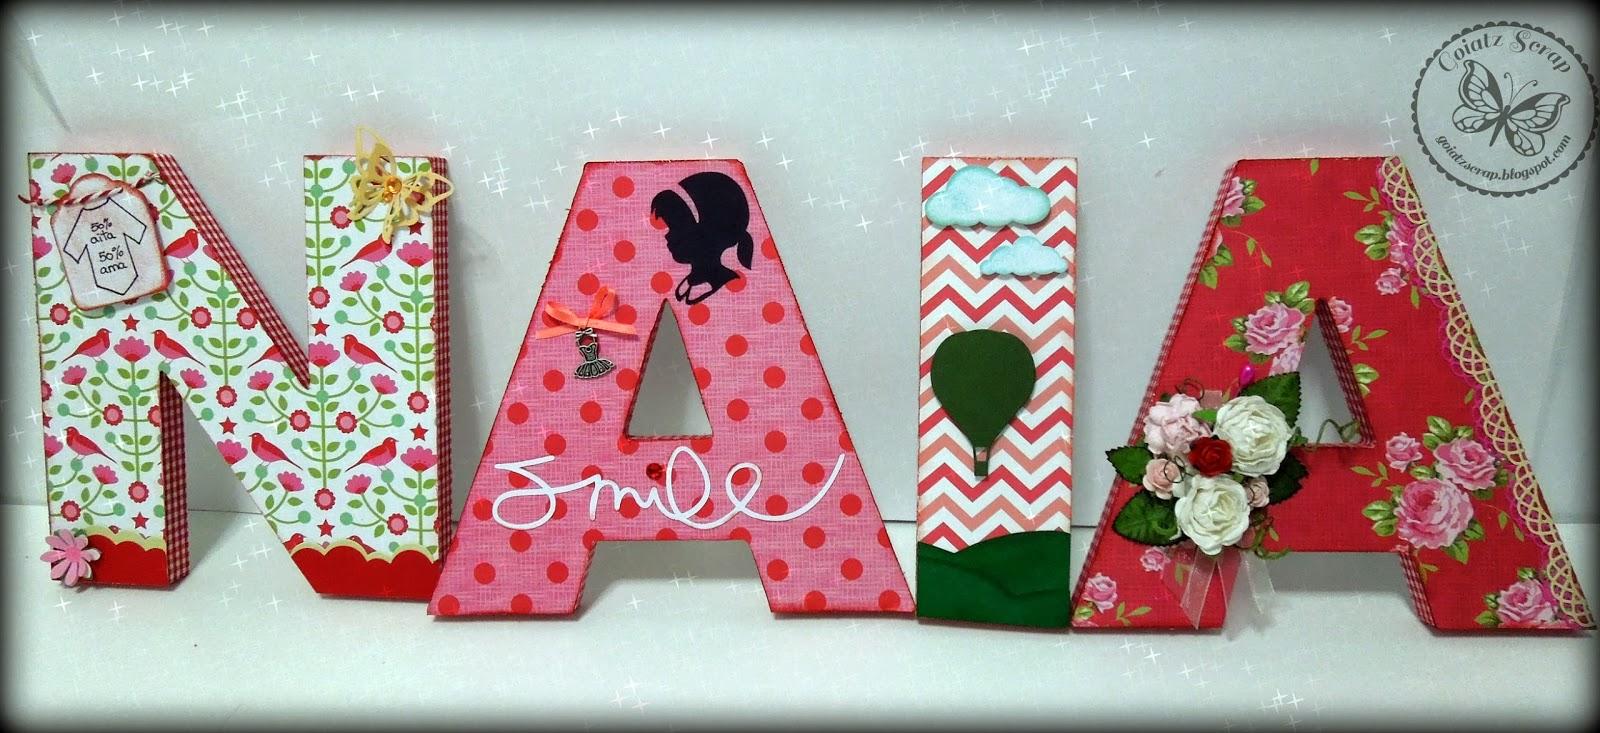 Letras decoradas para naia manualidades - Letras decoradas infantiles ...